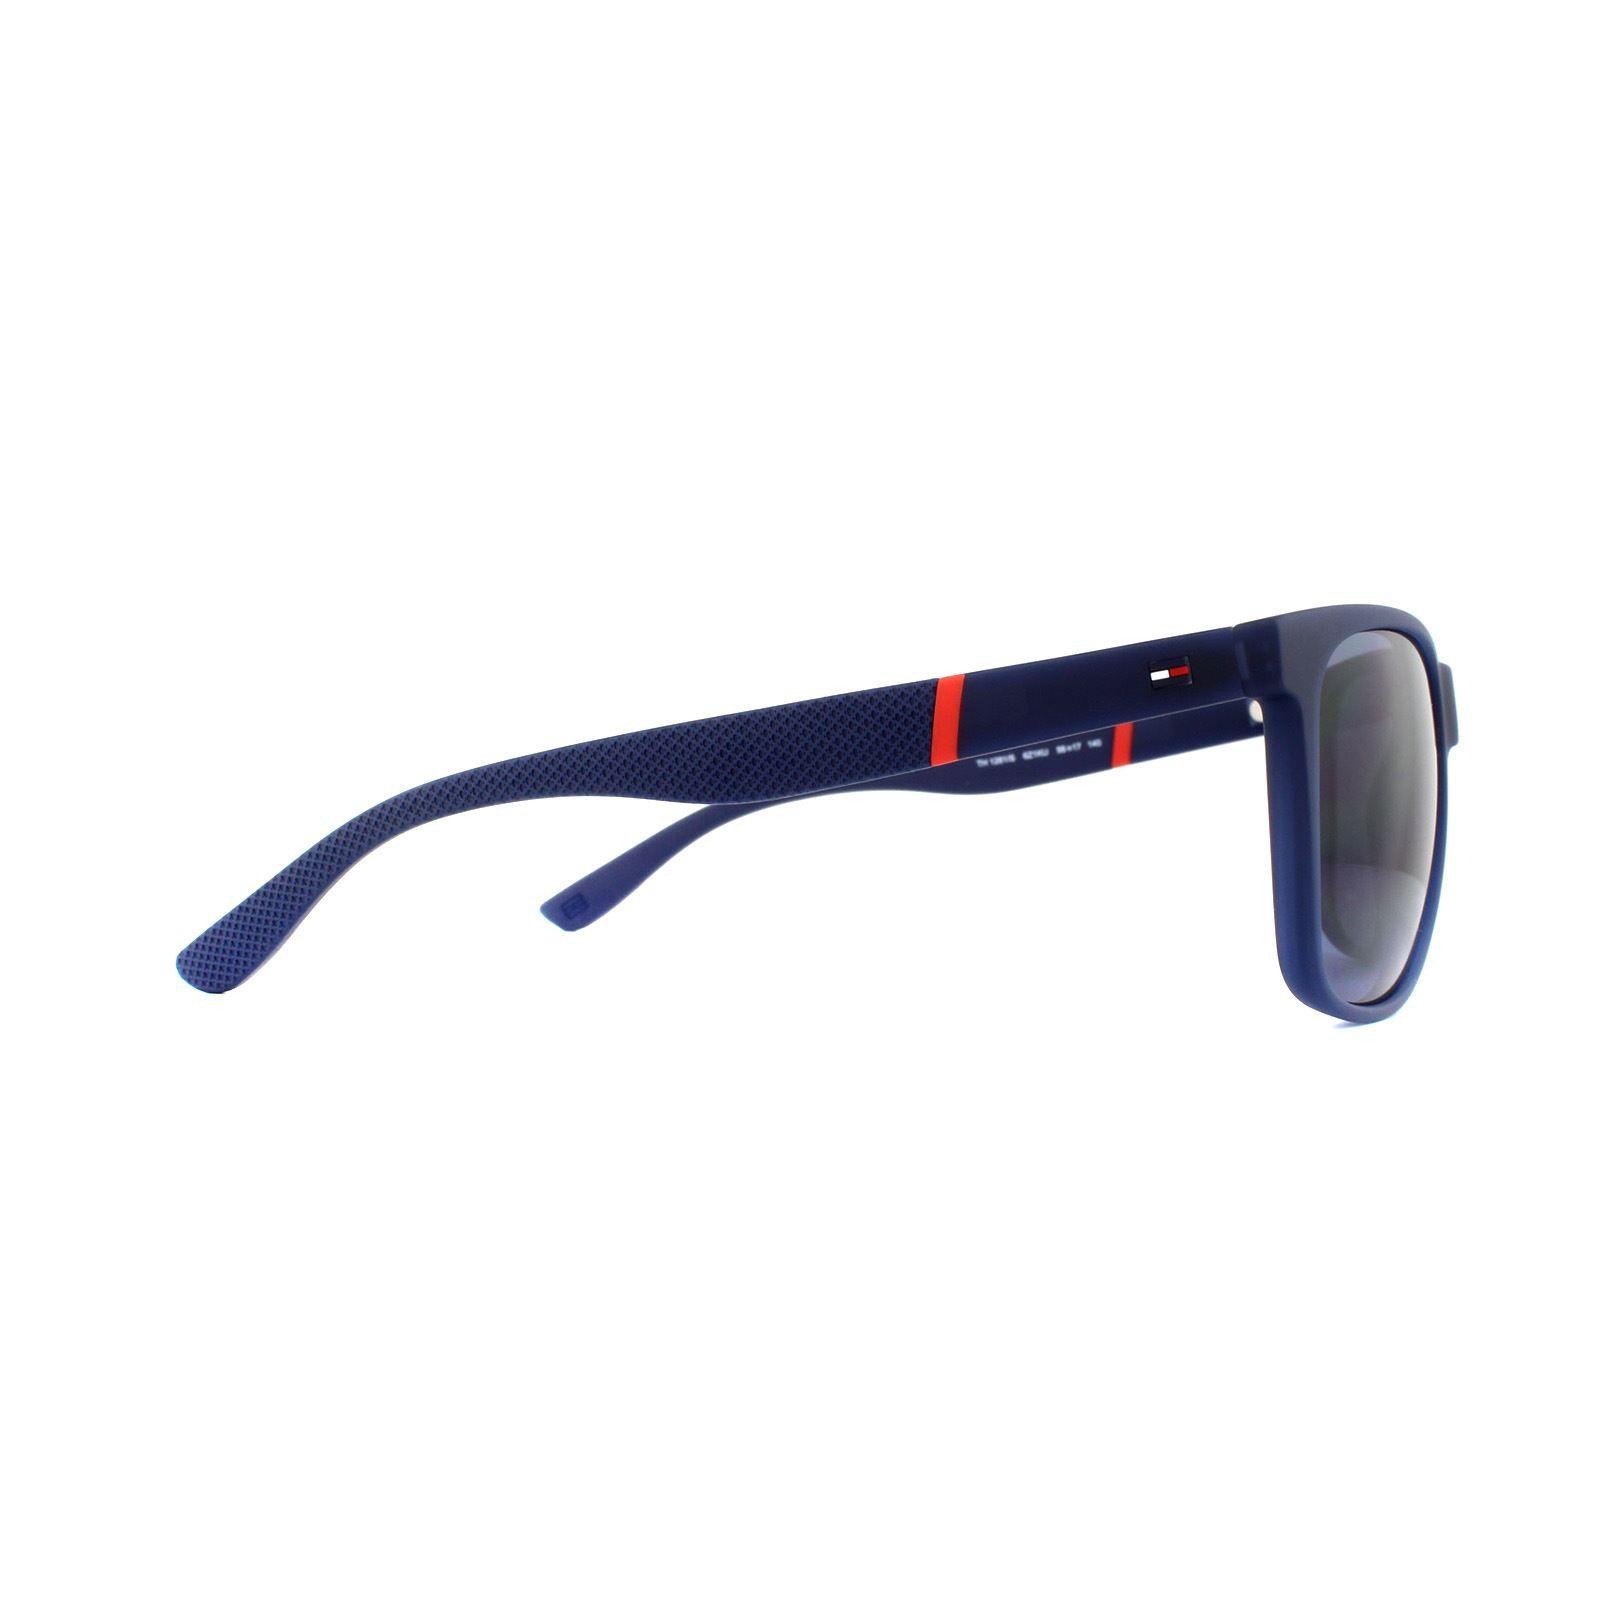 Tommy Hilfiger Sunglasses TH 1281/S 6Z1 KU Blue Blue